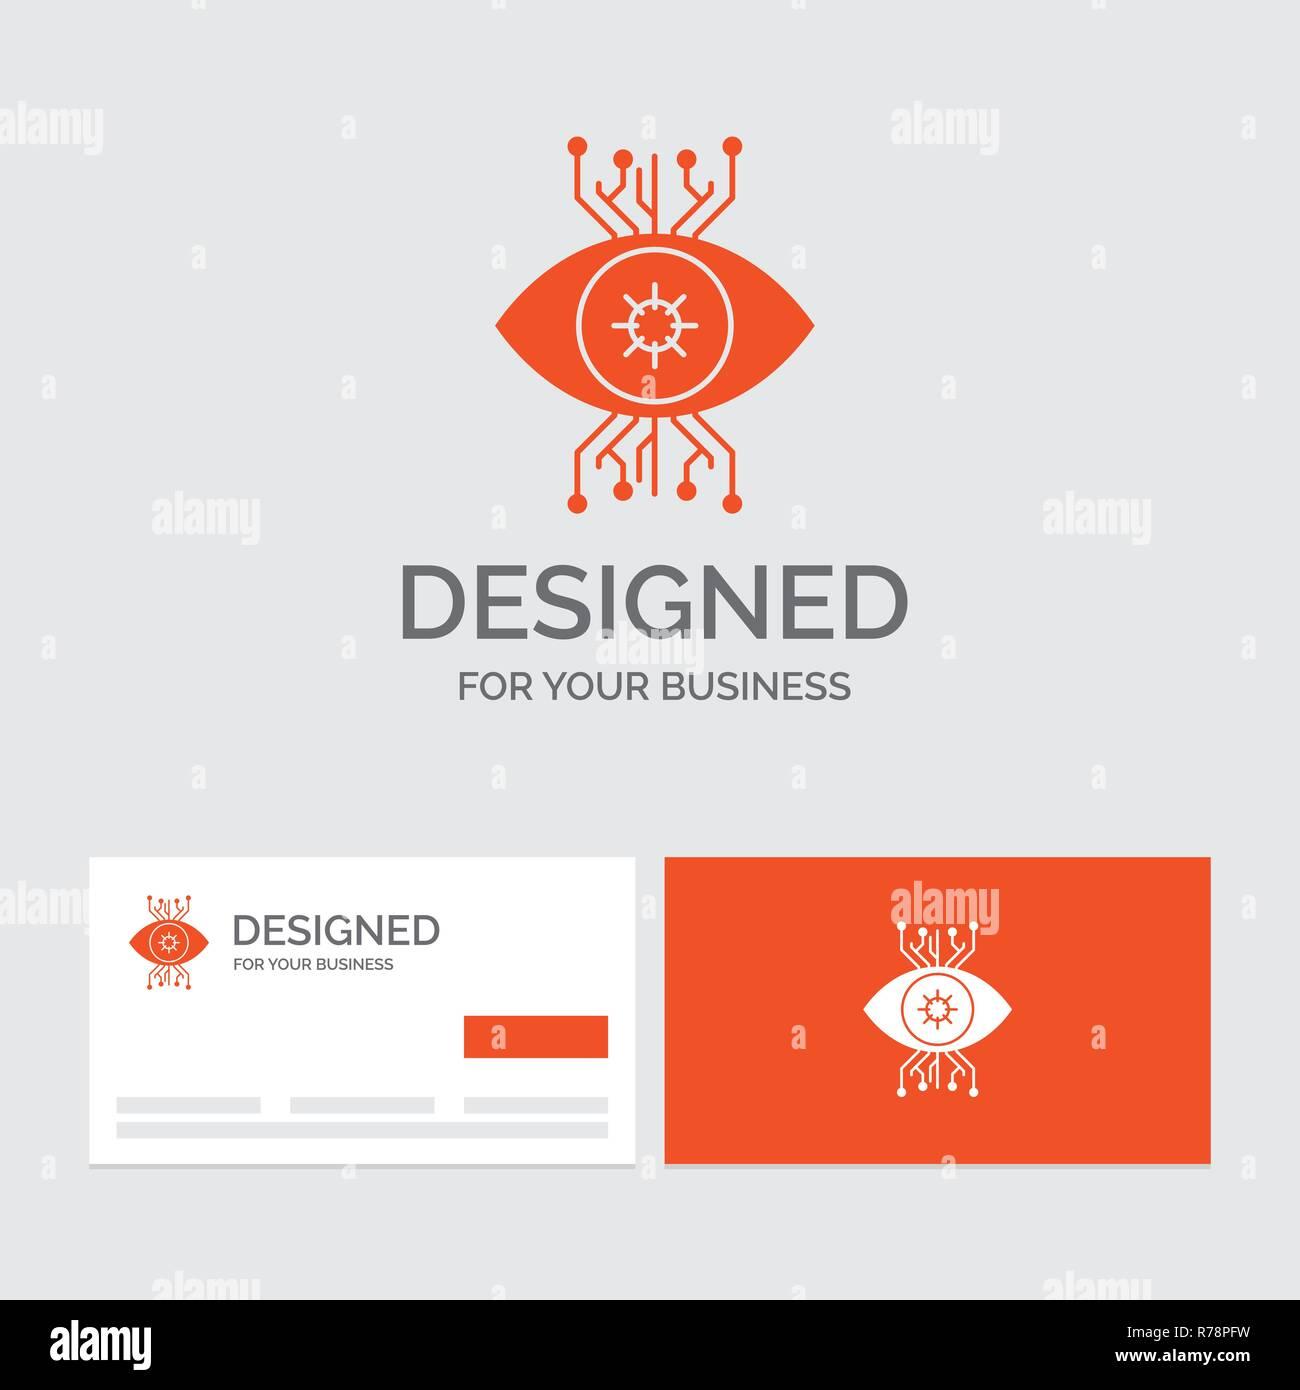 Modele De Logo Dentreprise Pour Linfrastructure Le Controle La Surveillance Vision Loeil Cartes Visite Orange Avec Marque